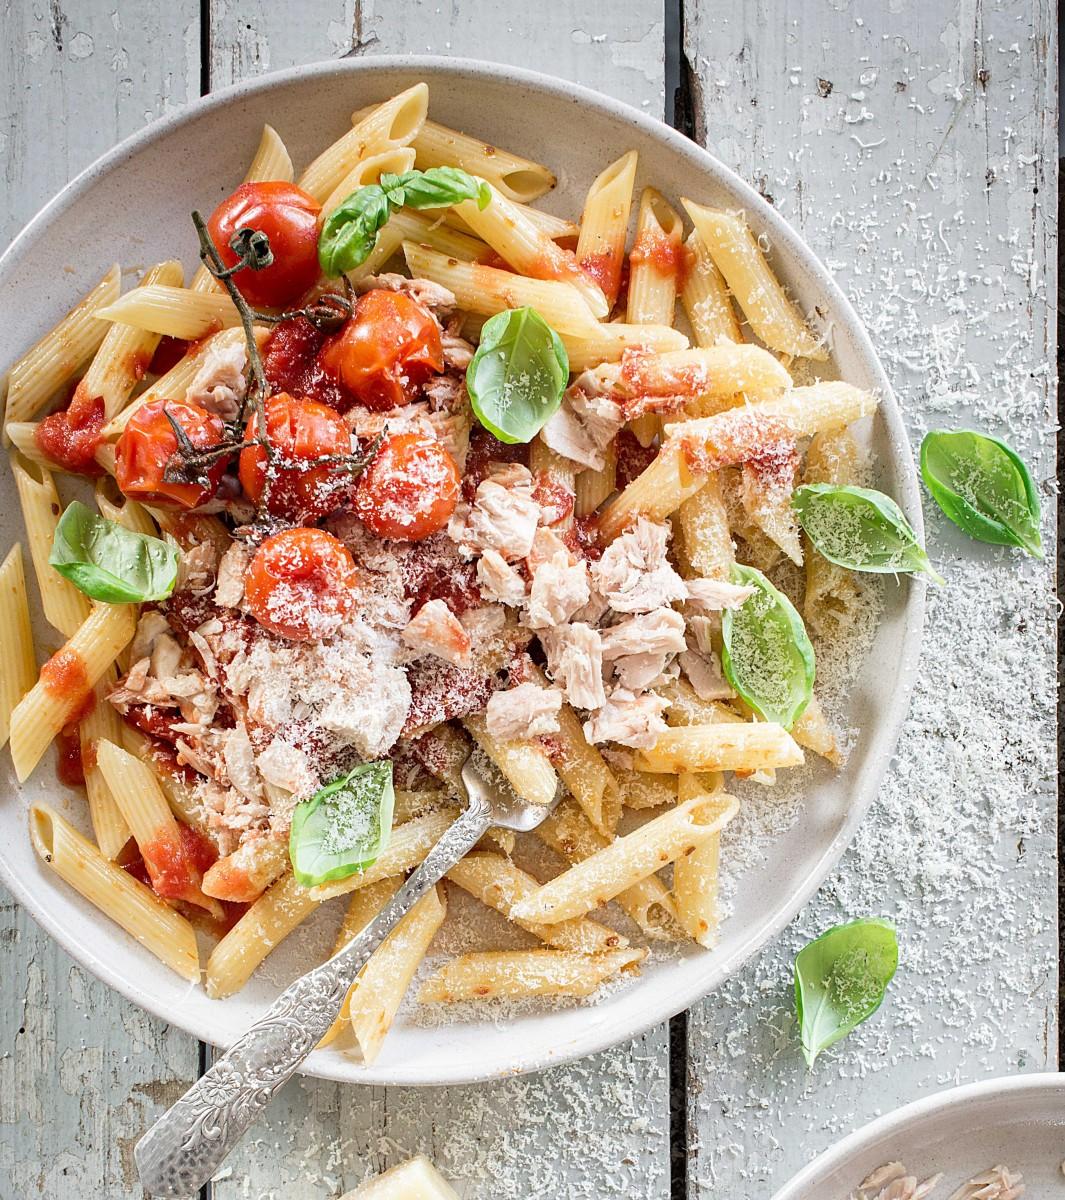 conservas-olasagasti-receta-because-pasta-macarrones-bonito-del-norte-calidad